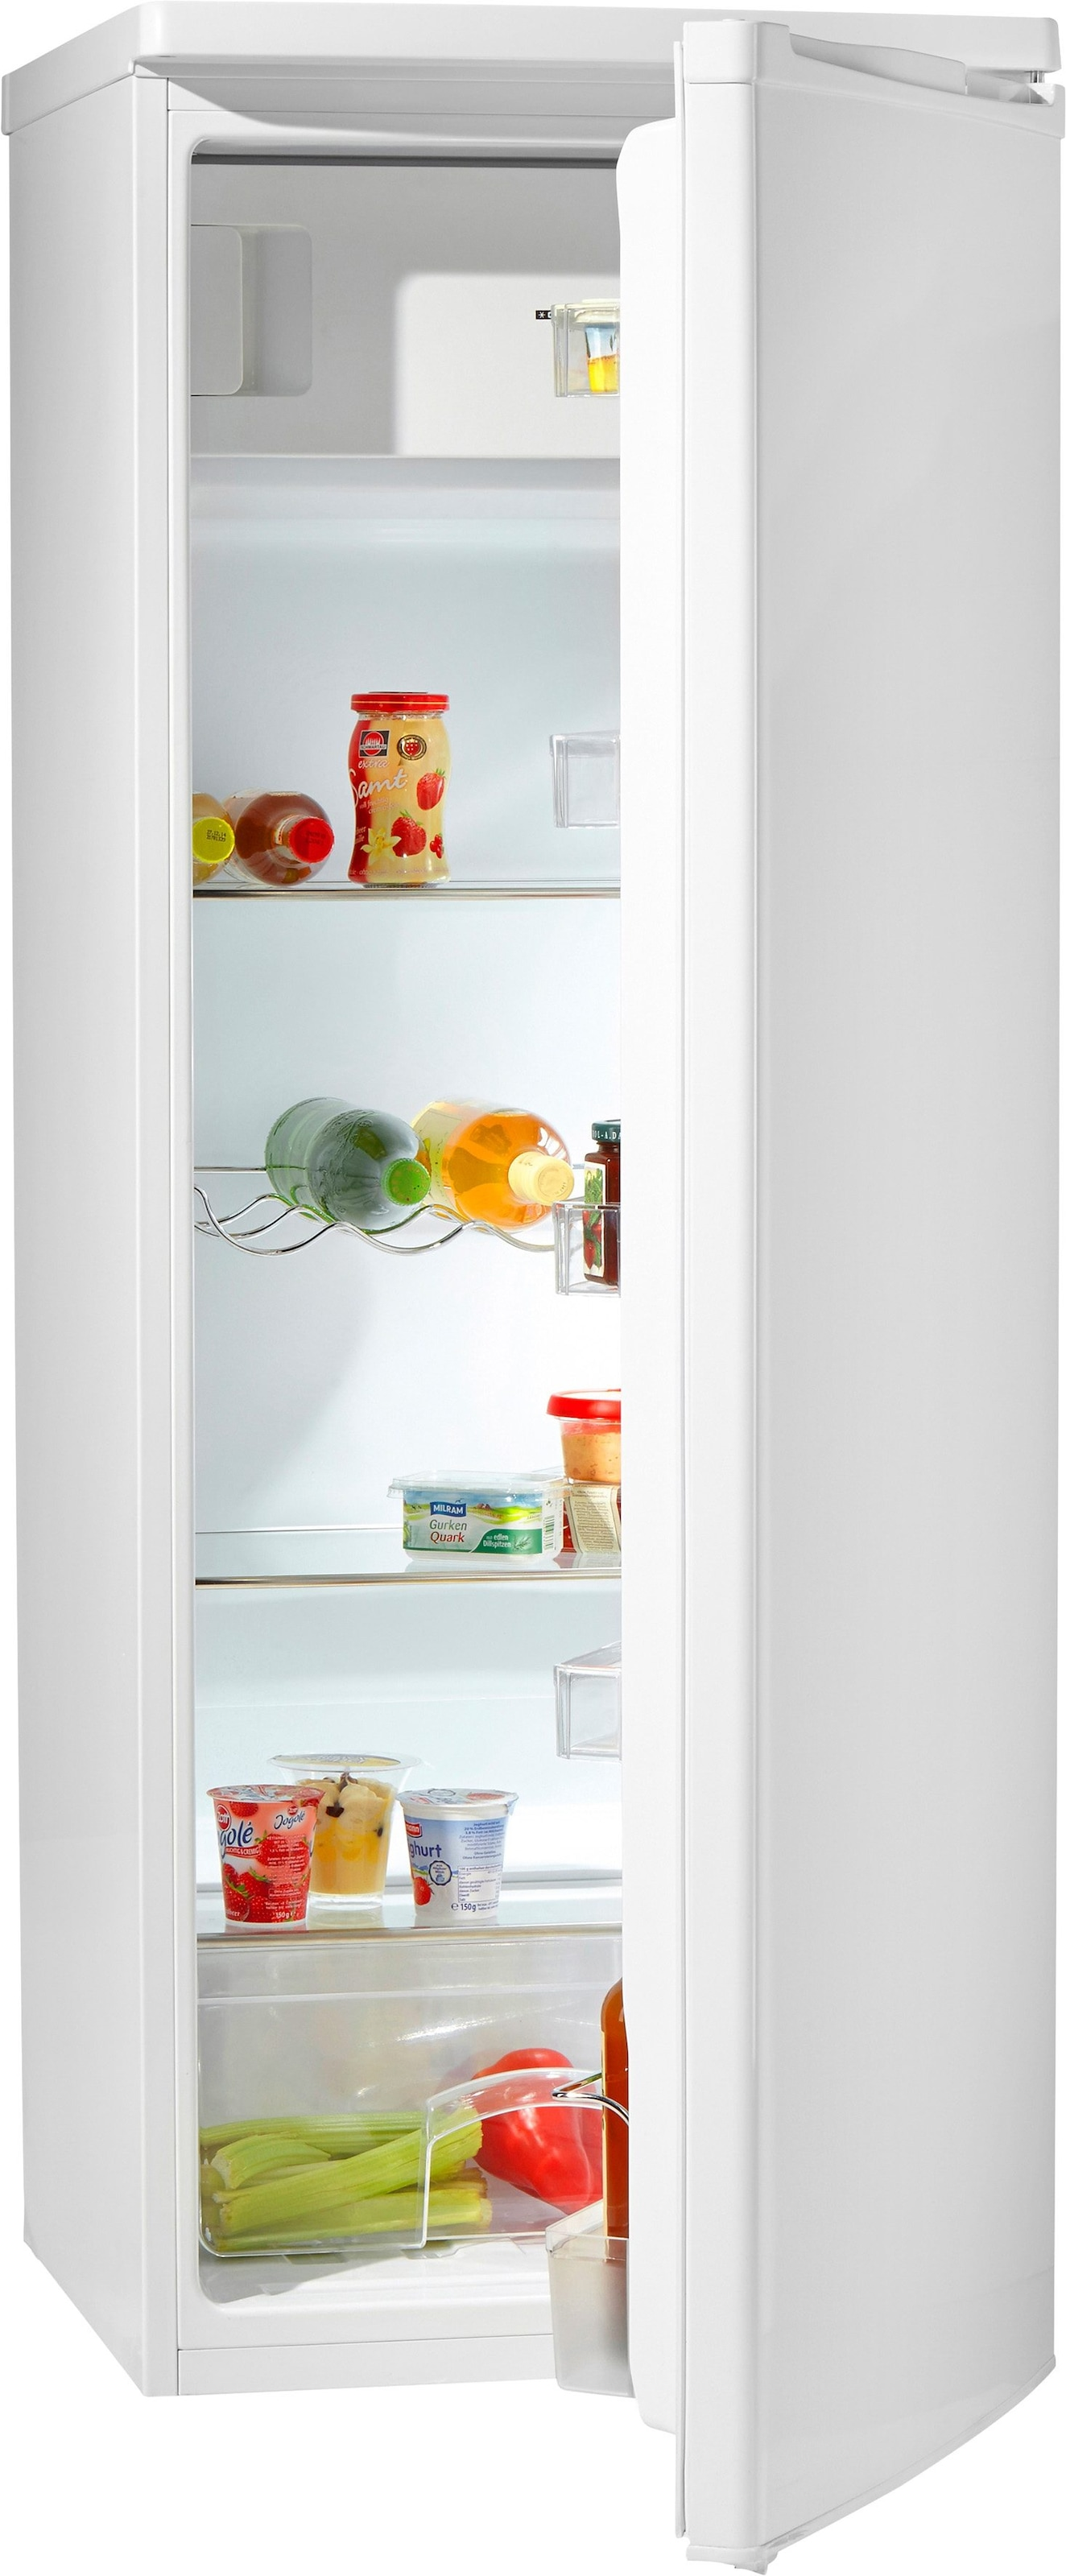 Amica Kühlschrank Ks 15453 : Hanseatic kühlschrank cm hoch cm breit per rechnung baur